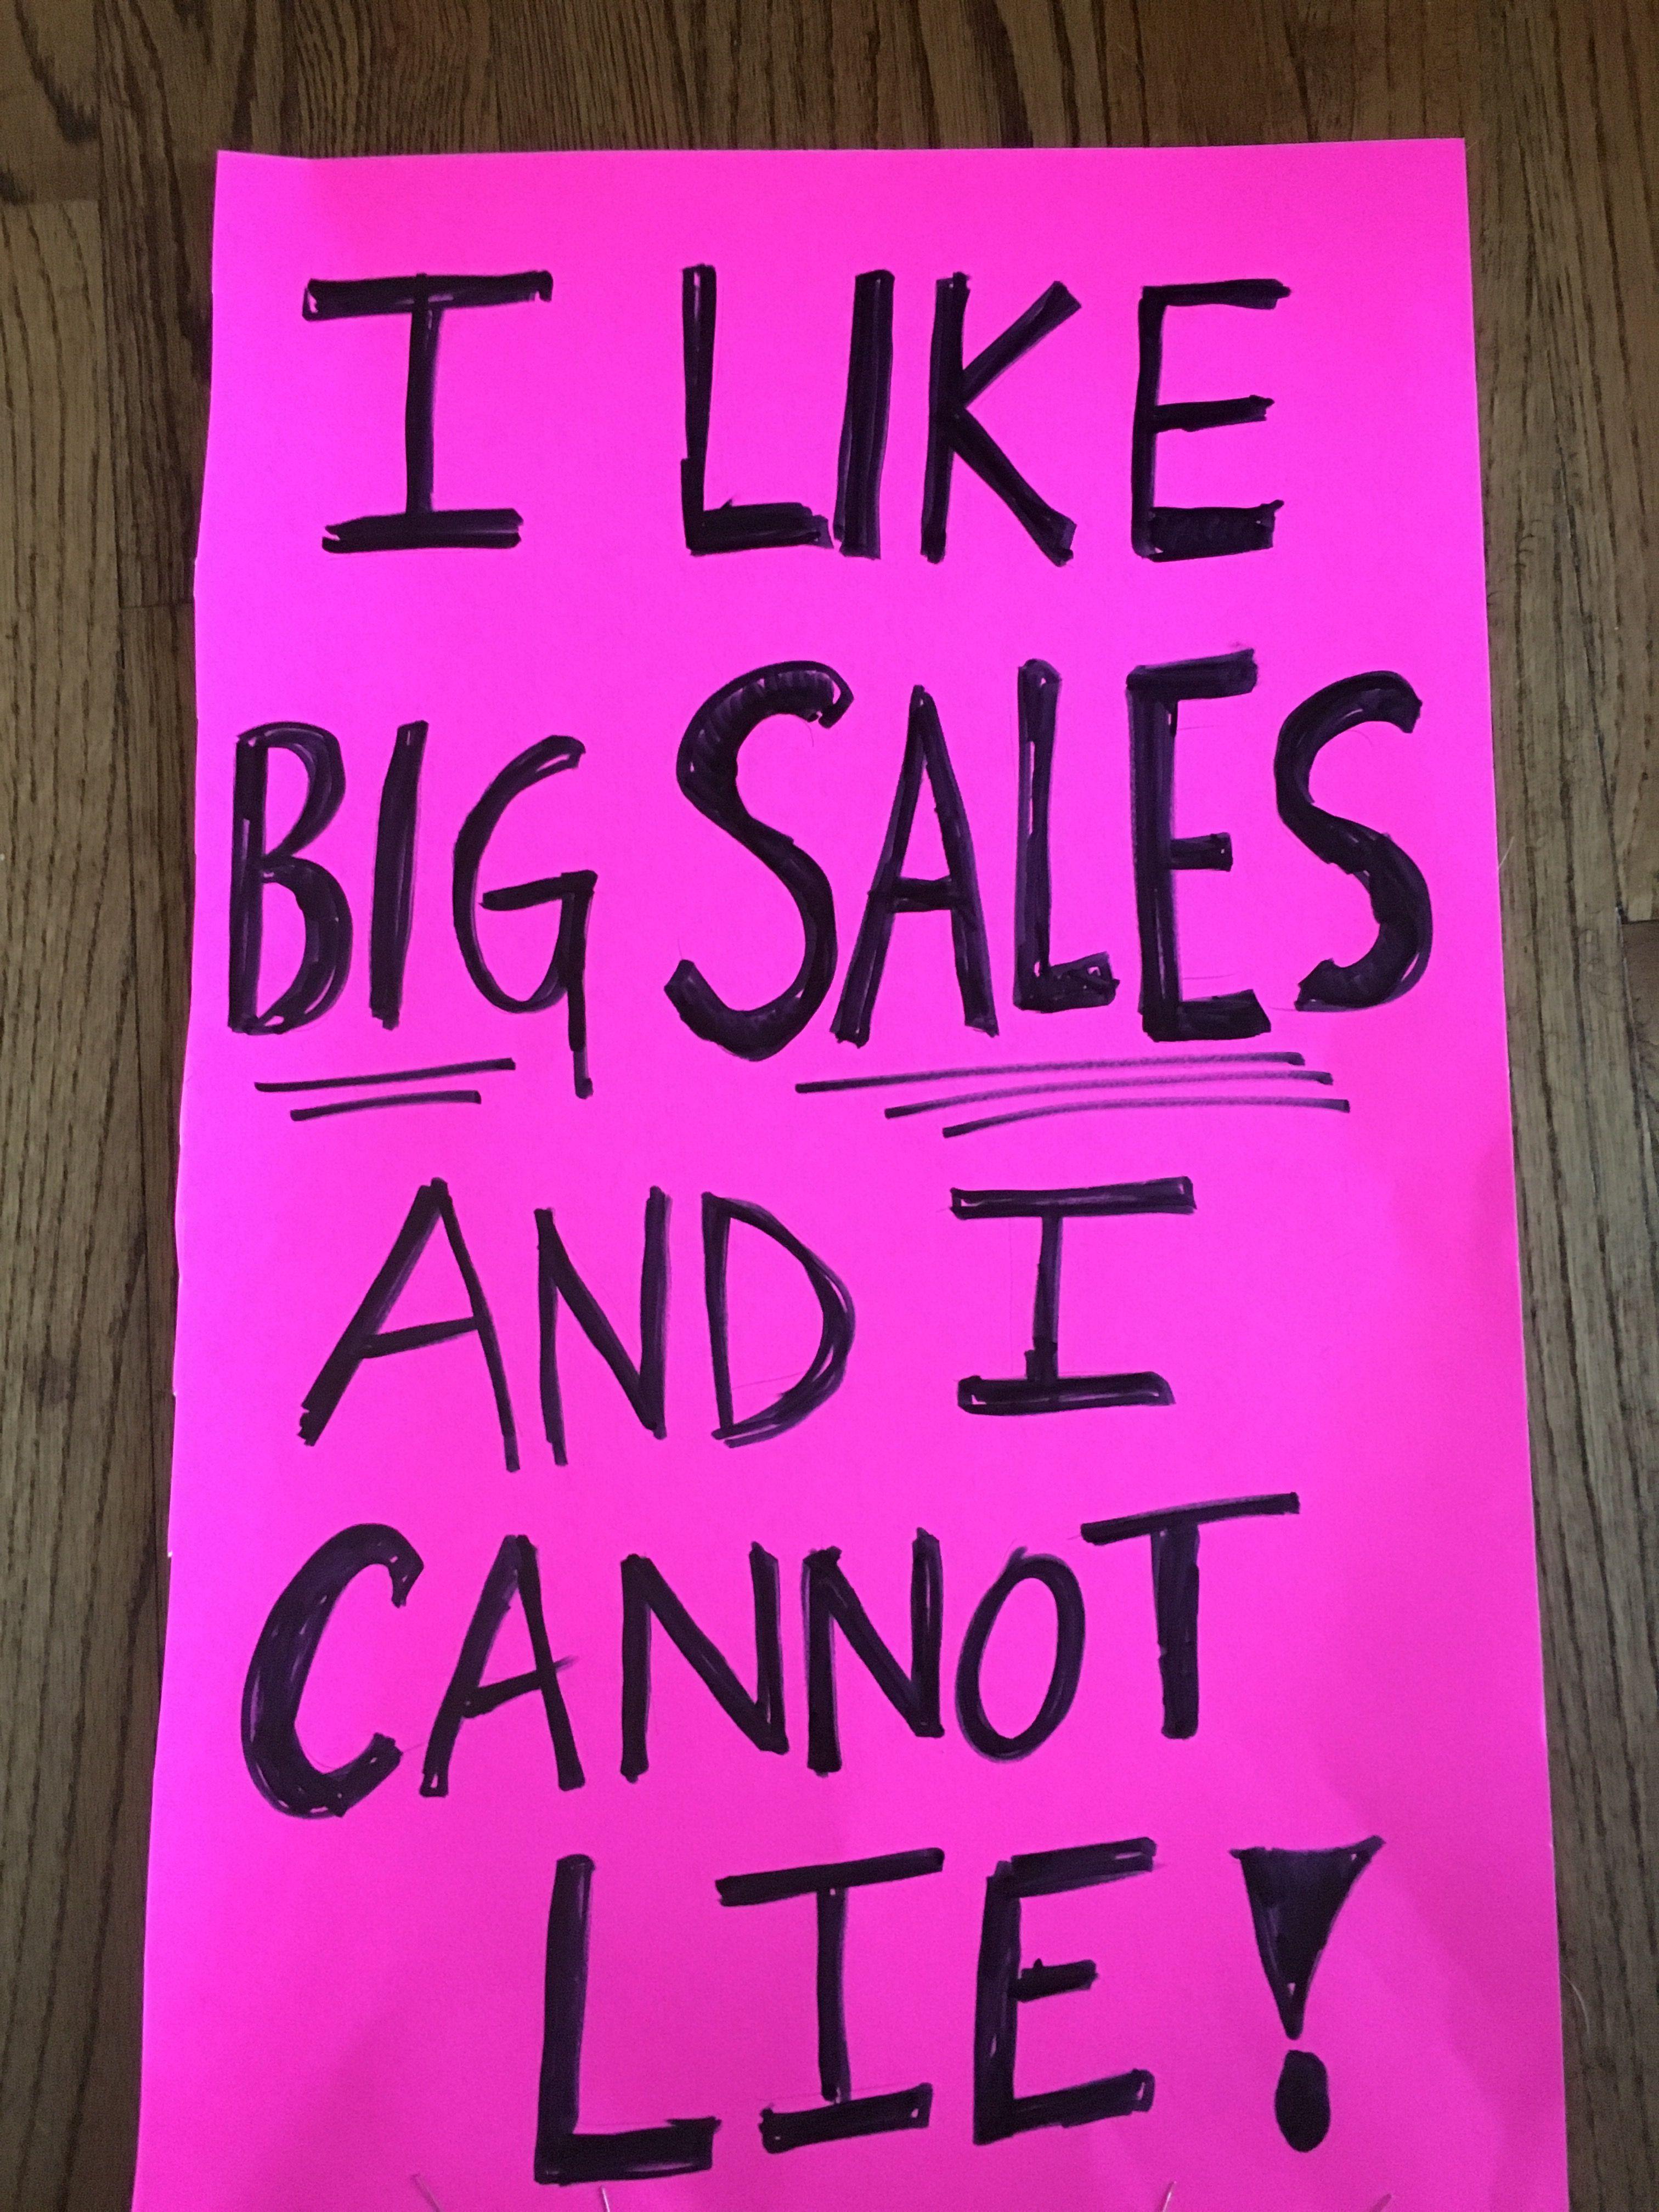 garage sale signs yard sale signs yard sales fundraising ideas storage ideas garage storage summer fun summertime budget